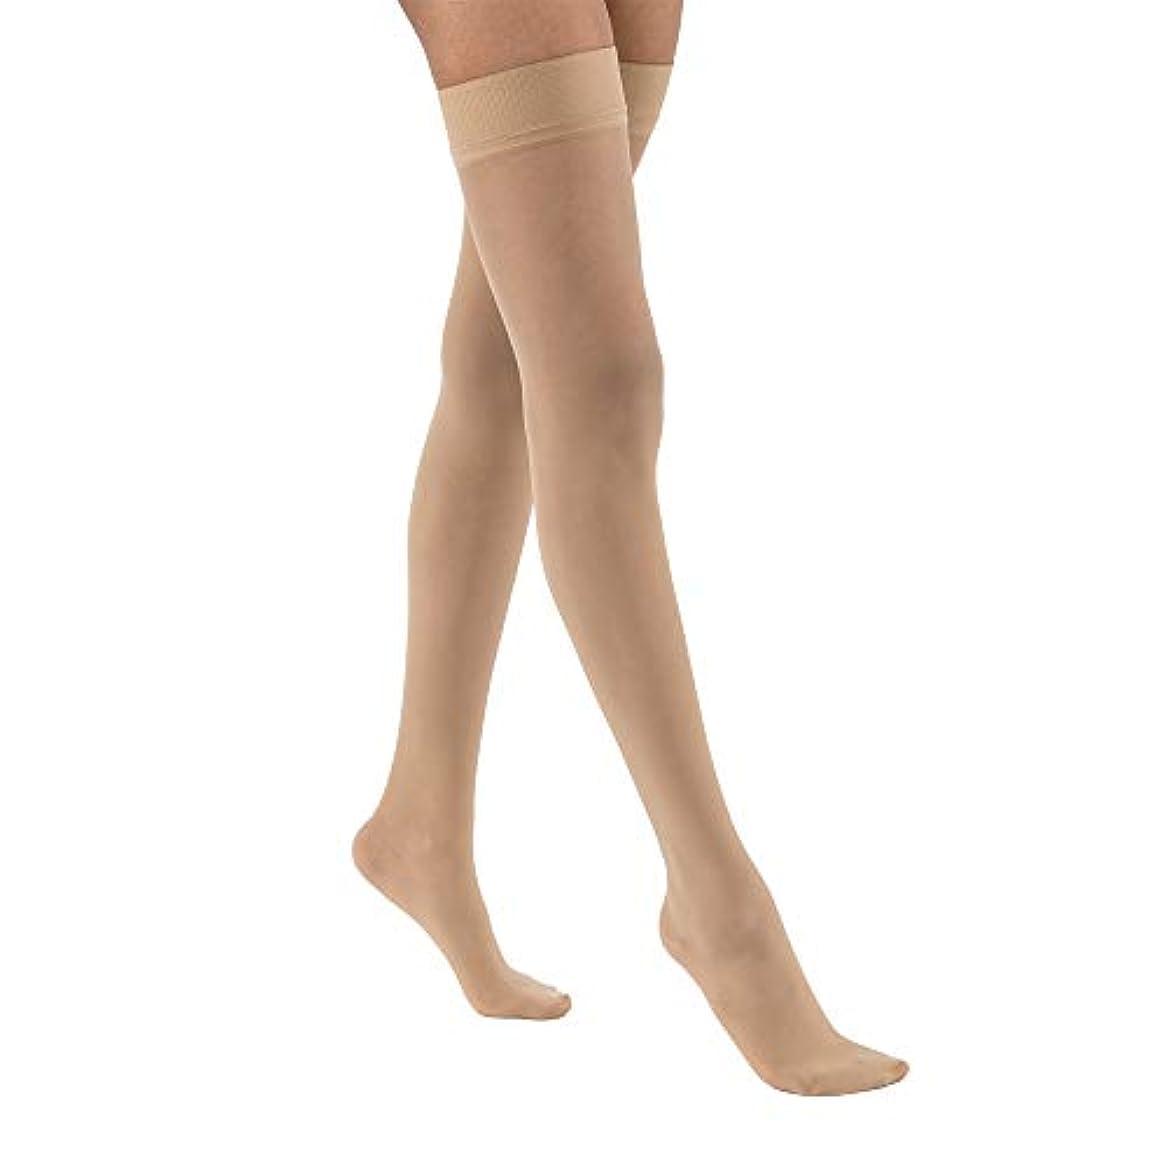 肖像画のホスト傷跡Jobst 122300 Ultrasheer Thigh Highs 15-20 mmHg with Silicone Dotted Top Band - Size & Color- Natural Small by...